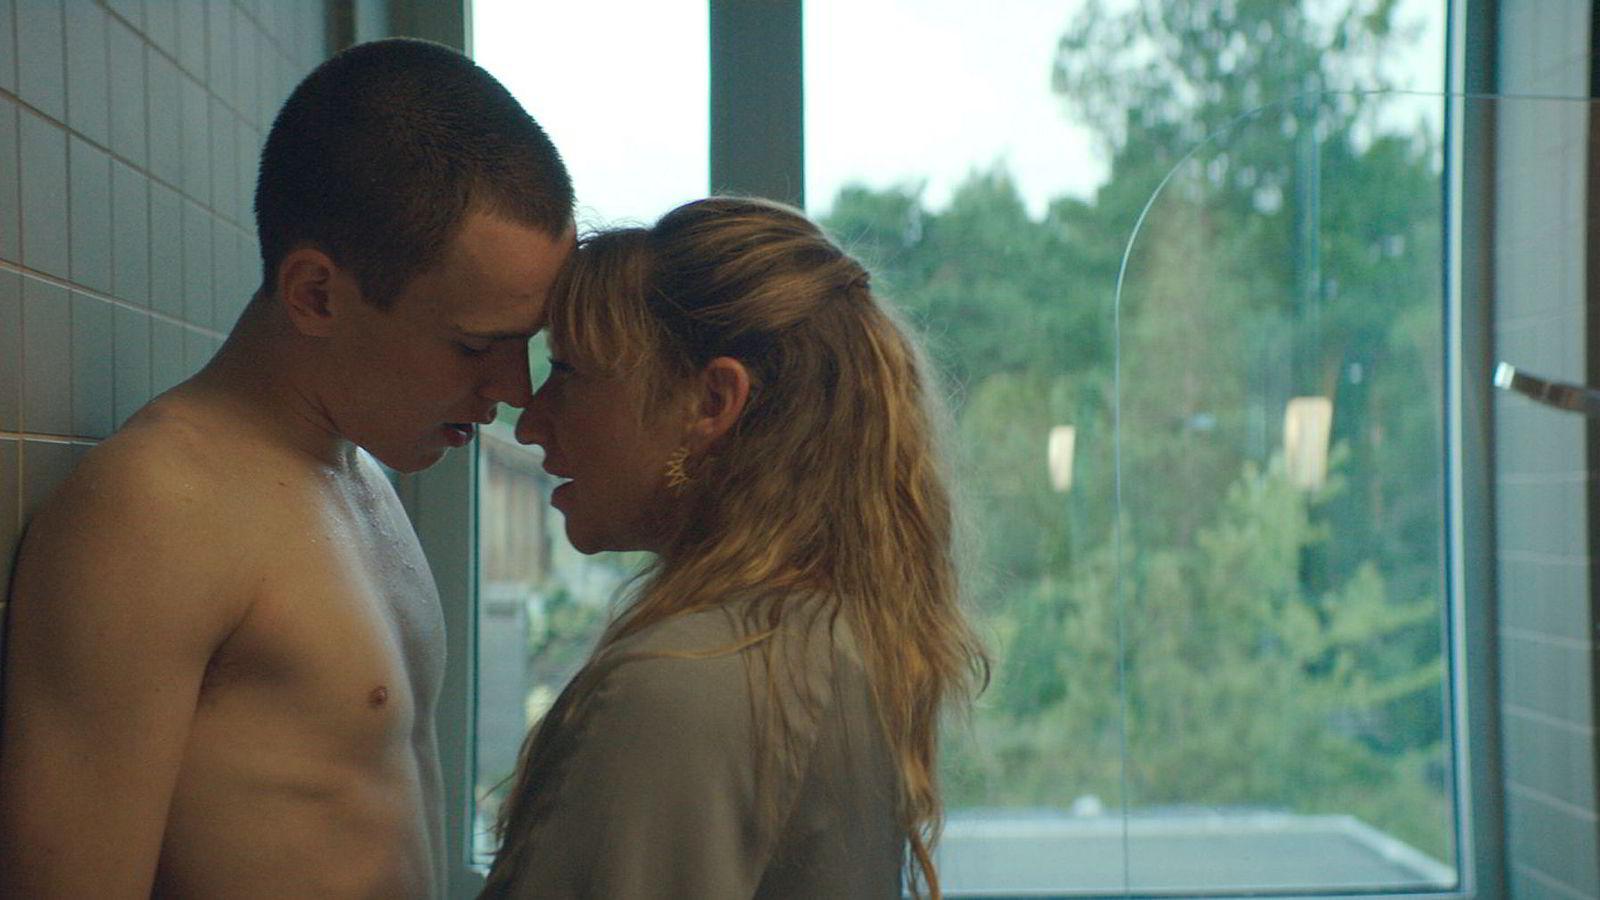 Både Tarjei Sandvik Moe og Andrea Bræin Hovig er veldig gode i «En affære». Det løfter en film som ellers ikke er helstøpt, men har engasjerende øyeblikk.